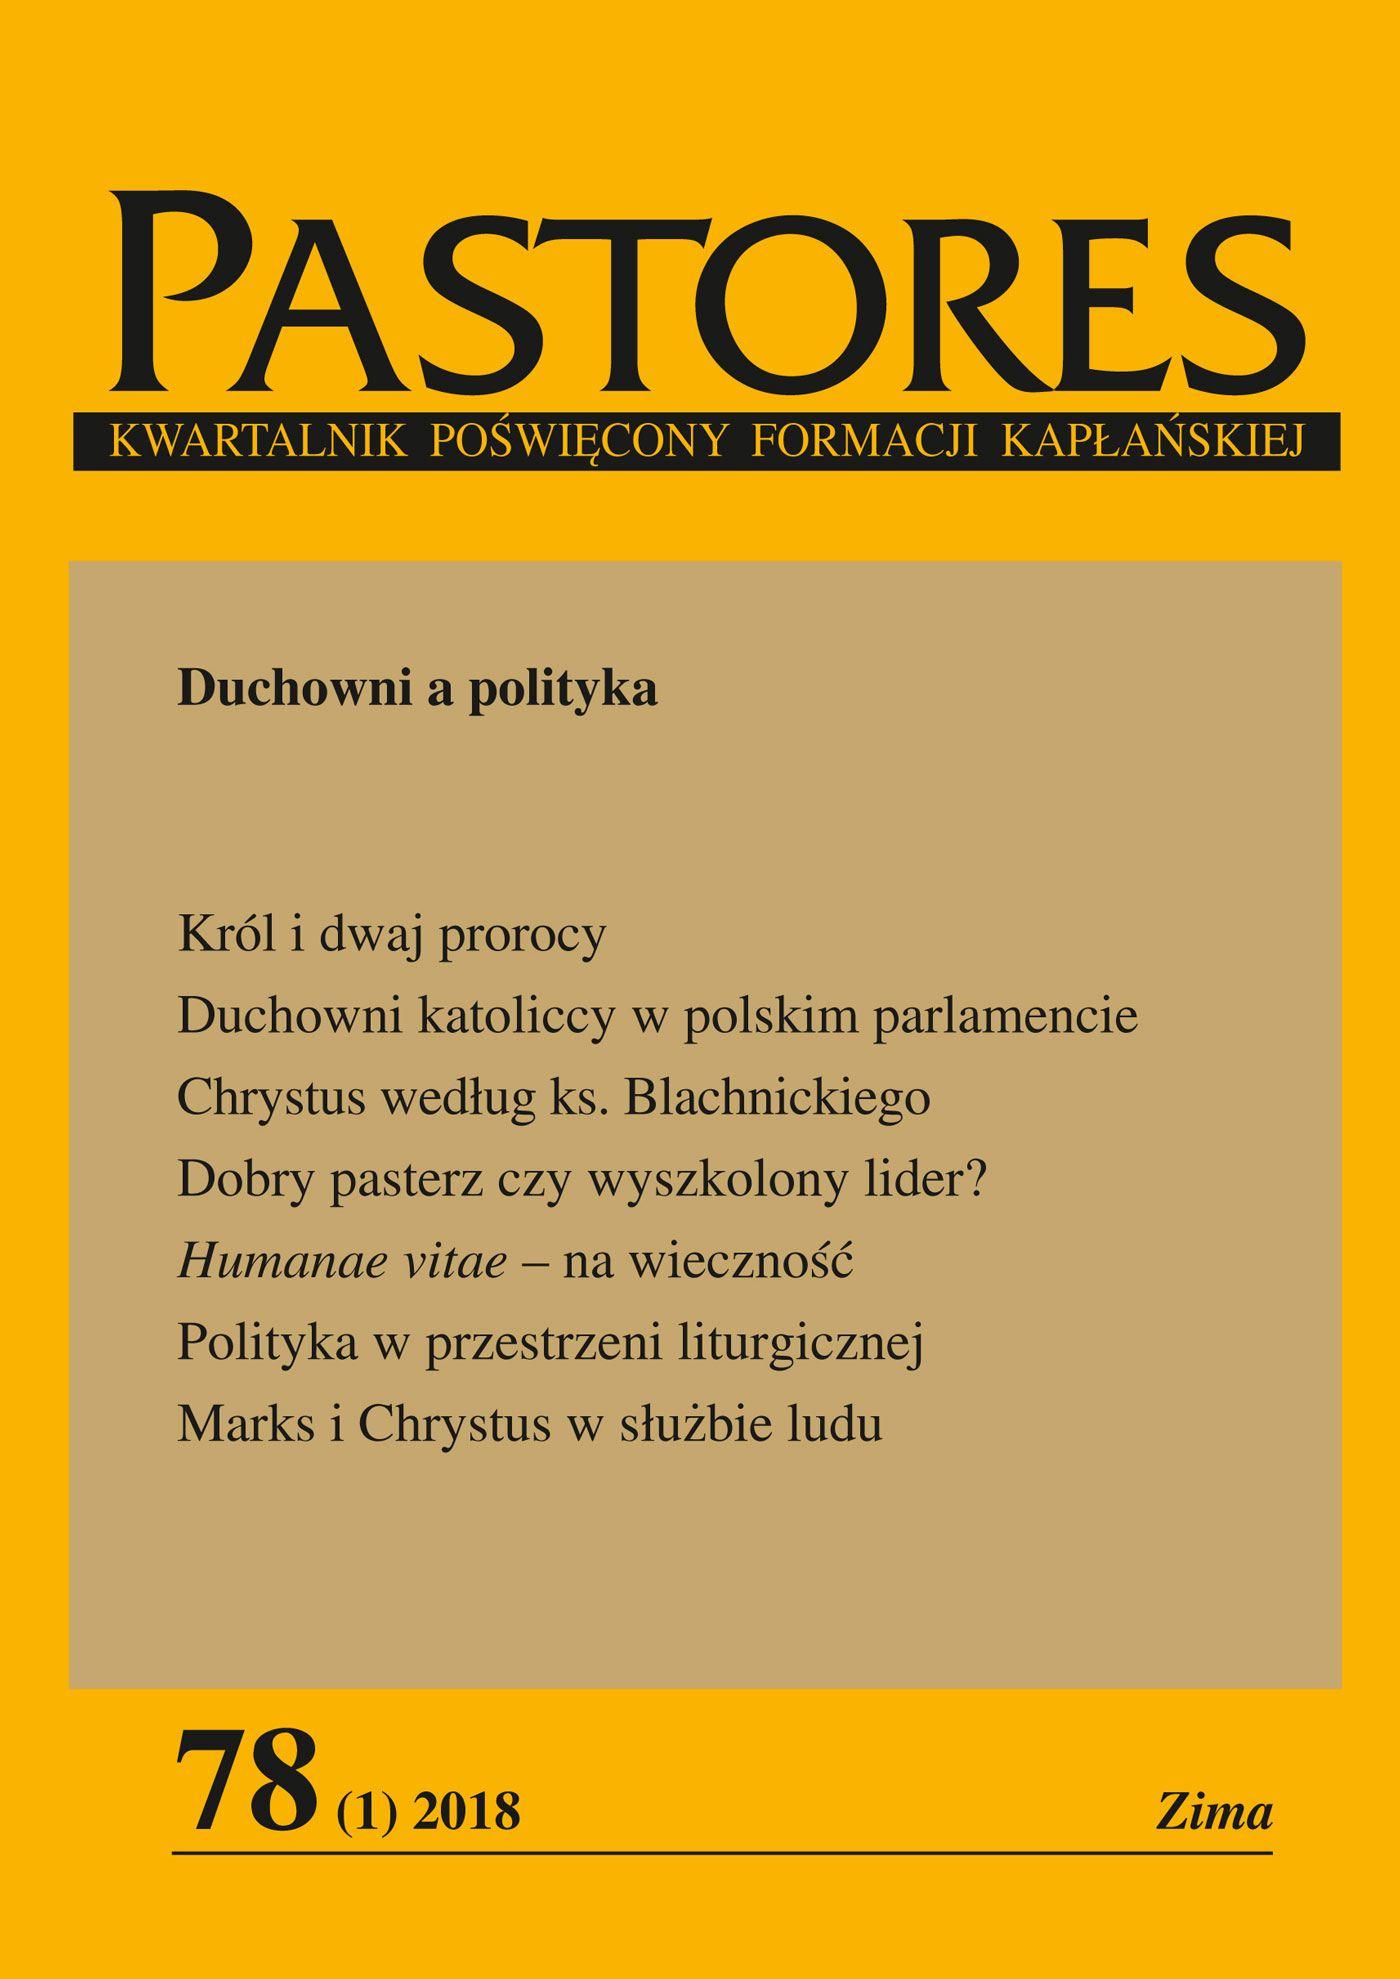 Pastores 78 (1) 2018 - Ebook (Książka EPUB) do pobrania w formacie EPUB